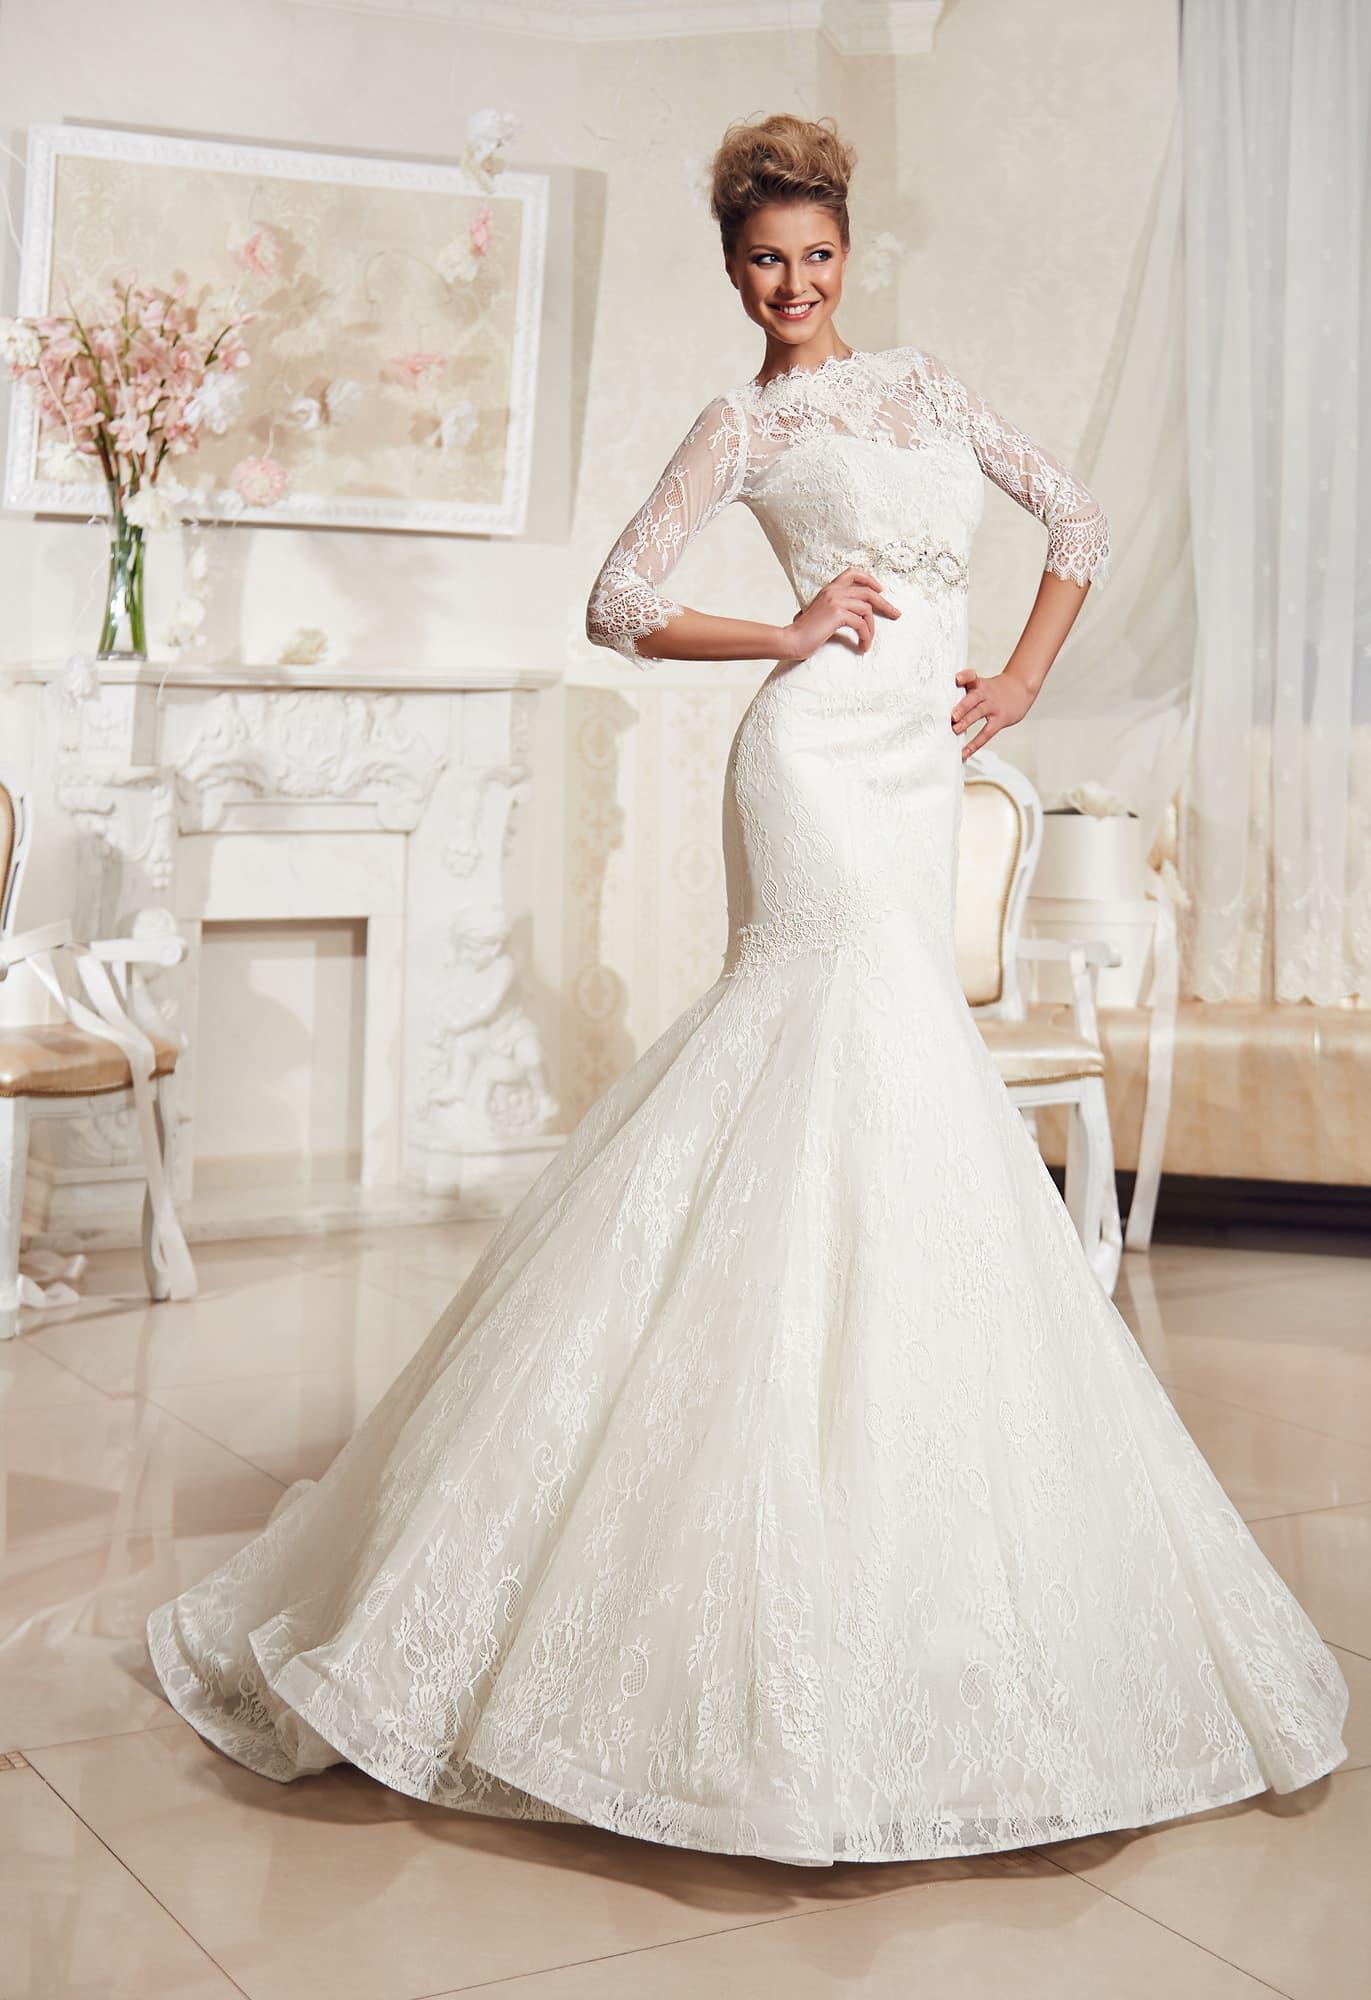 6aac9981ef43 Кружевное свадебное платье силуэта «рыбка» со съемным верхом с длинным  рукавом.